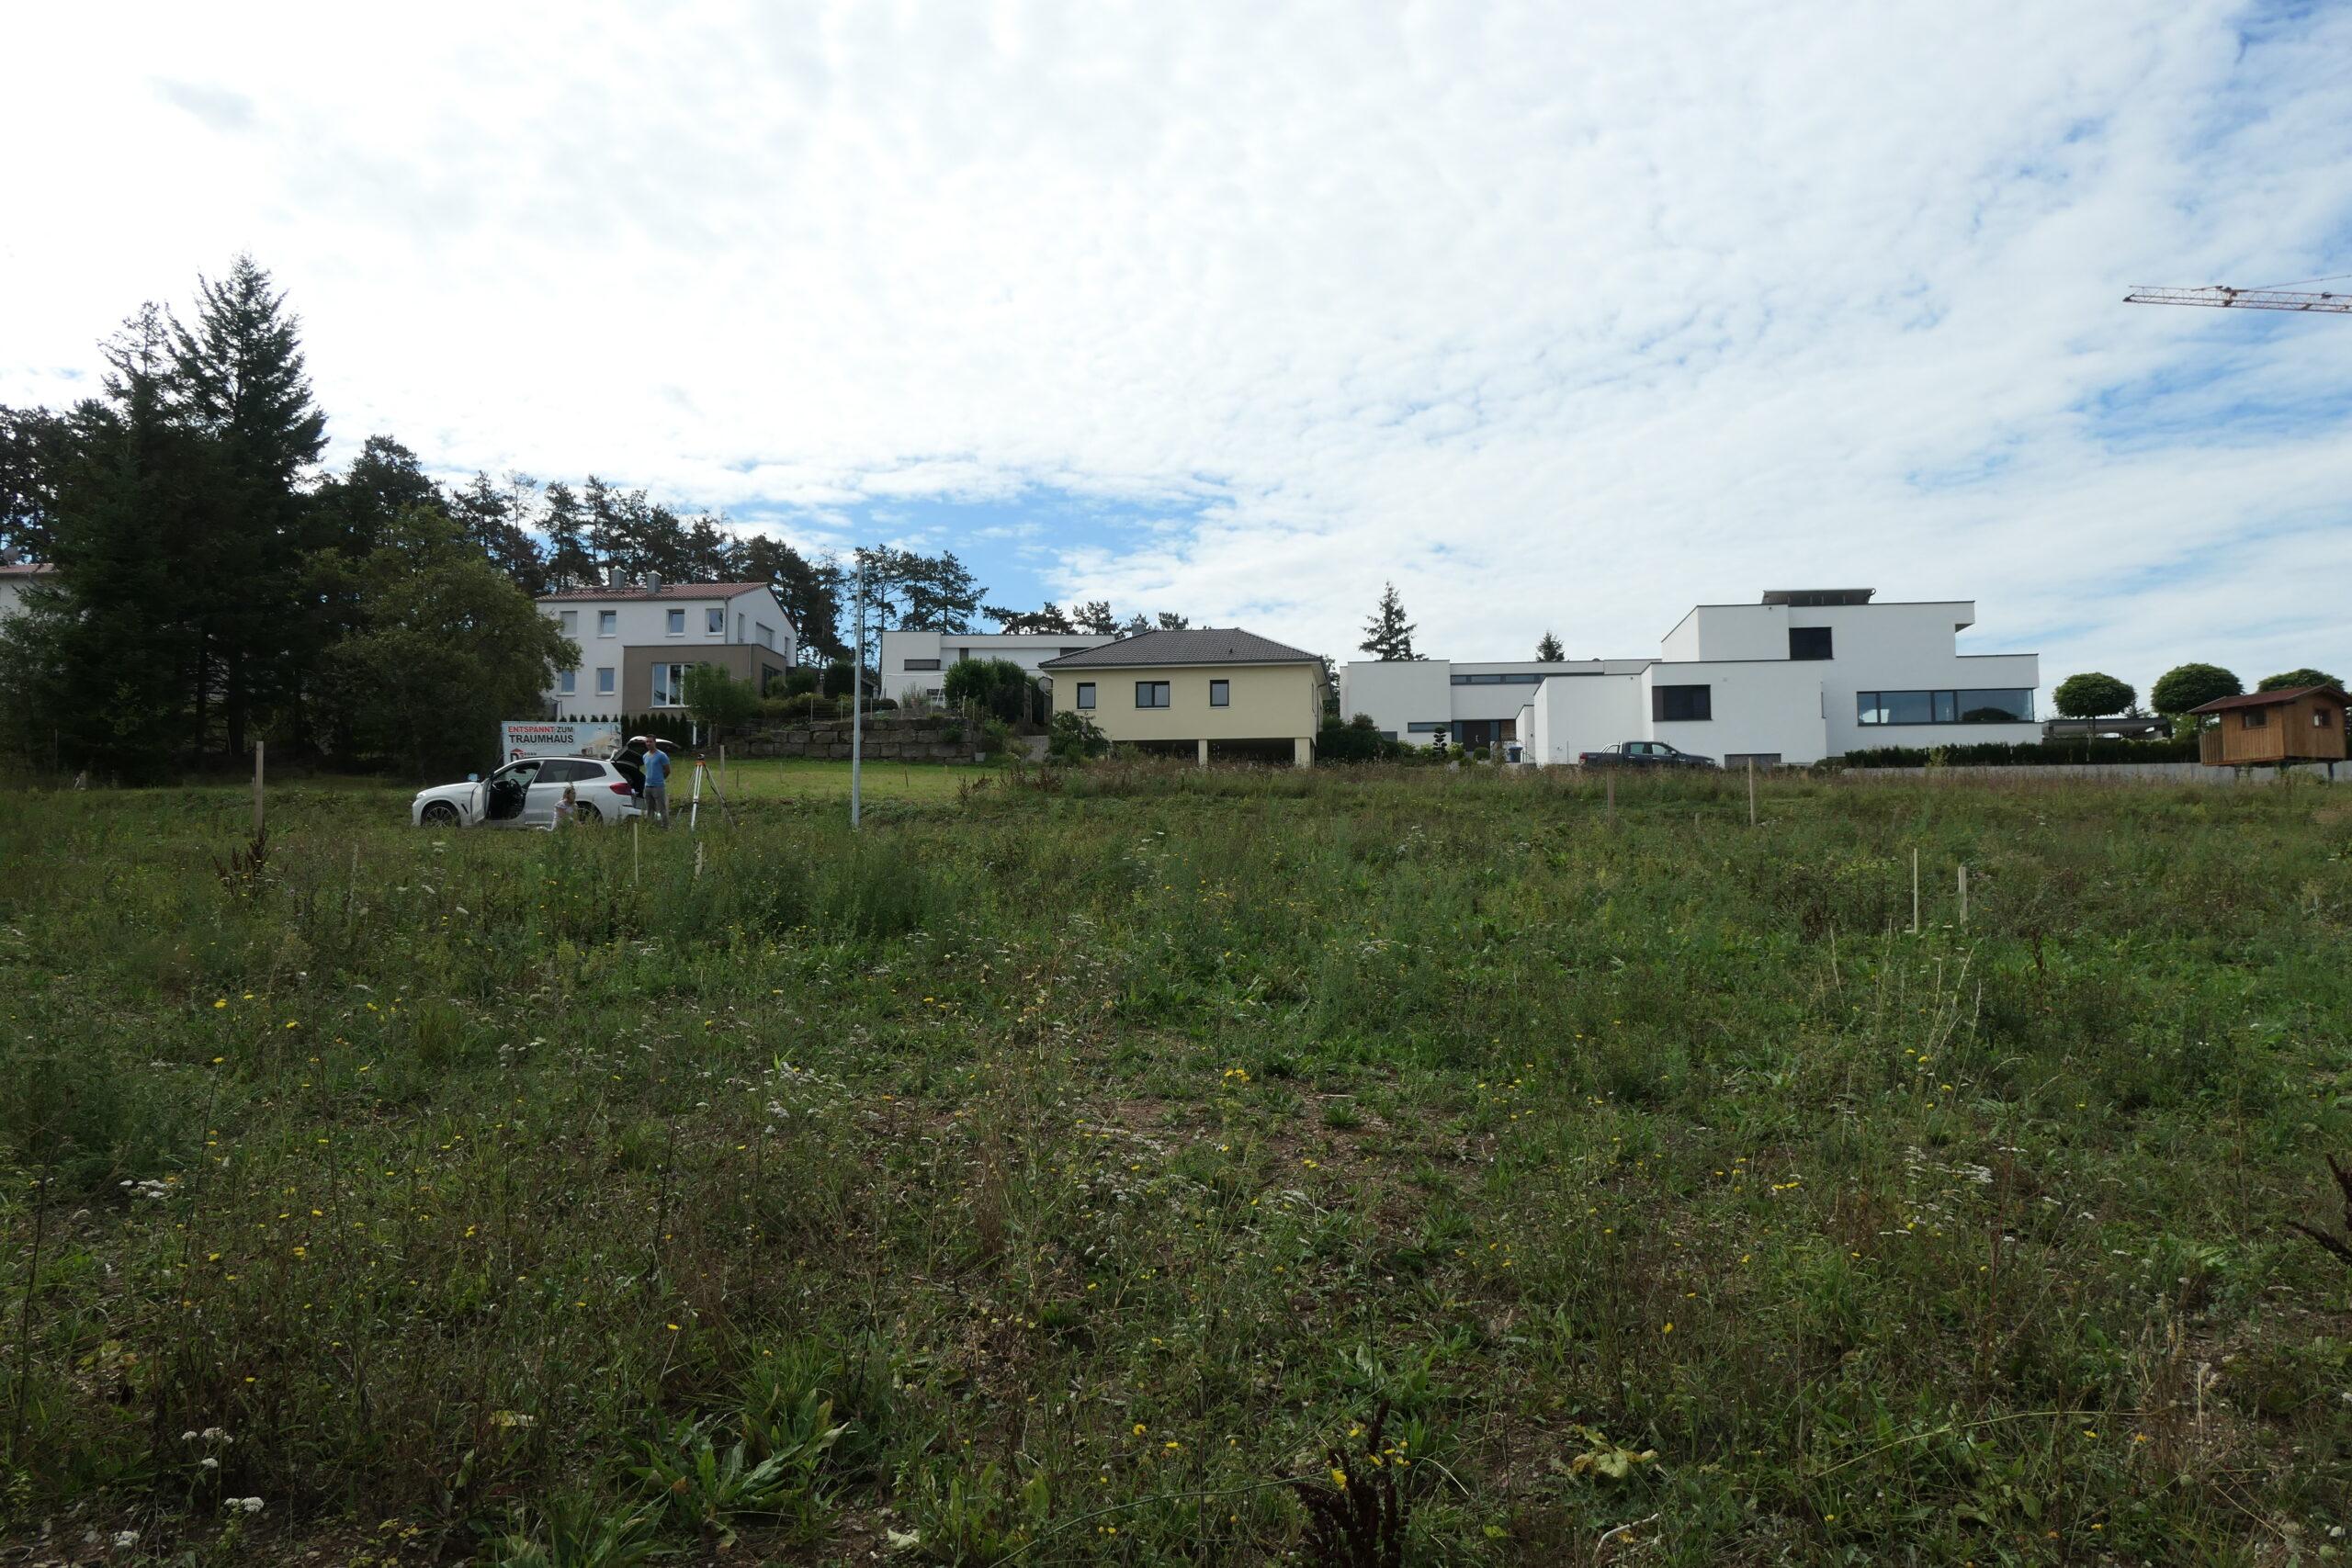 Grundstueck - Geisberg 15 - Karlstadt (3)